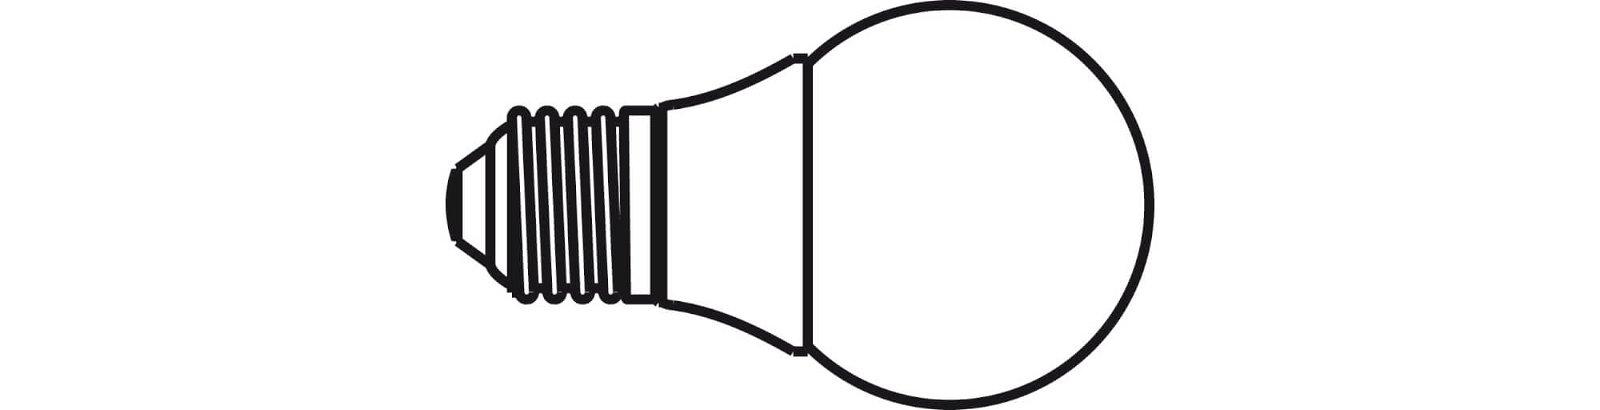 Energiespar-Leuchtmittel, Sockel E27, 2700 K, glasklar